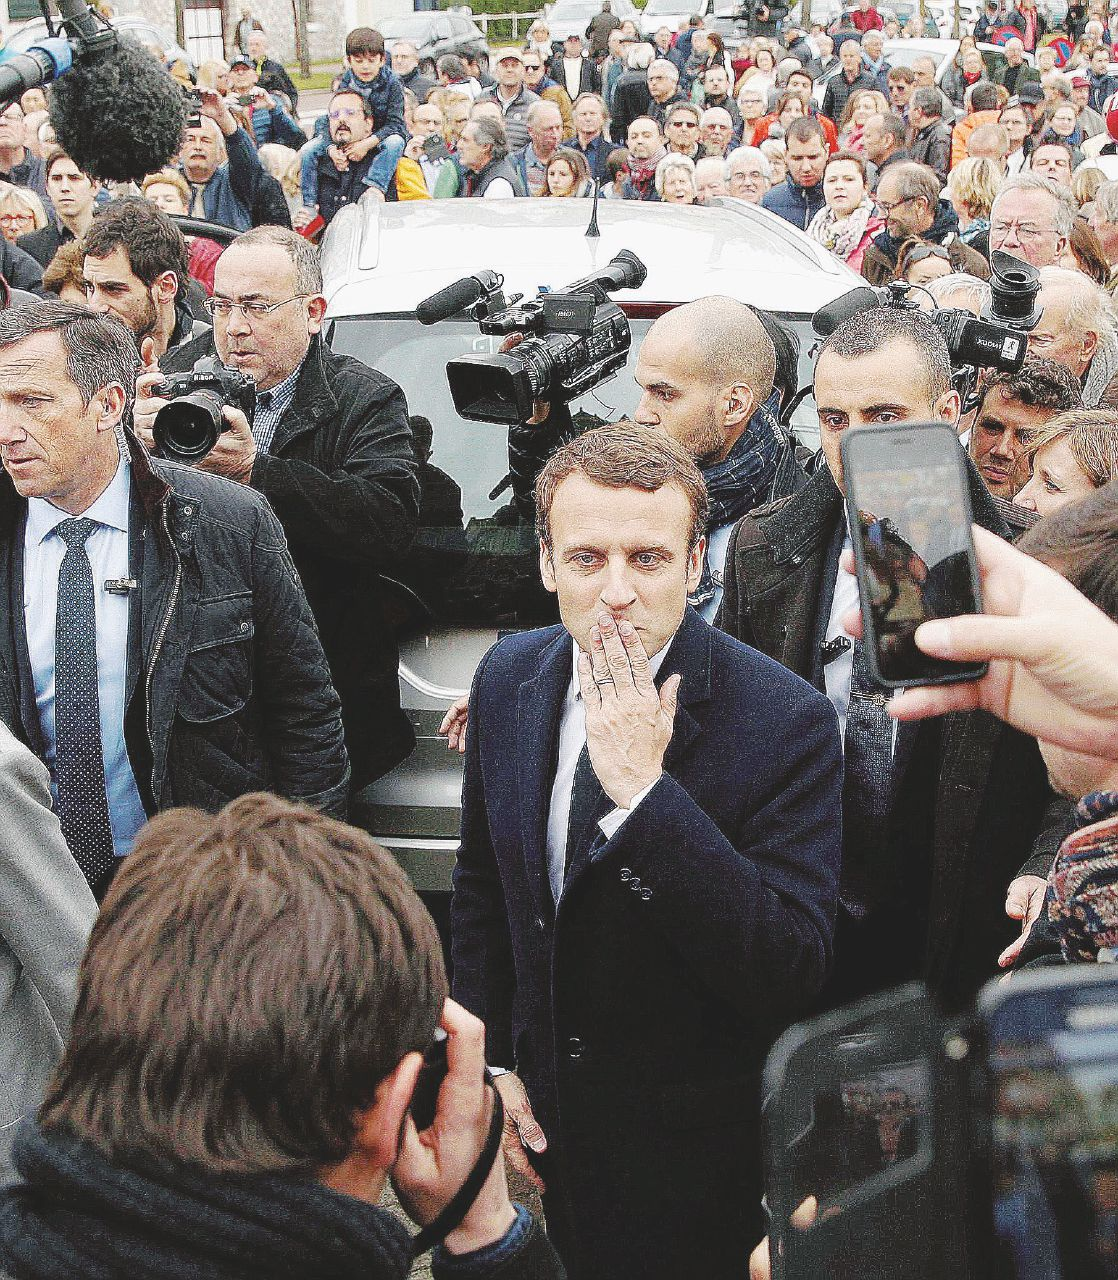 In Edicola sul Fatto Quotidiano del 24 aprile: Ghigliottinati i vecchi partiti. Francia – Il 39enne Macron (centrosinistra) al ballottaggio con Marine Le Pen (destra)